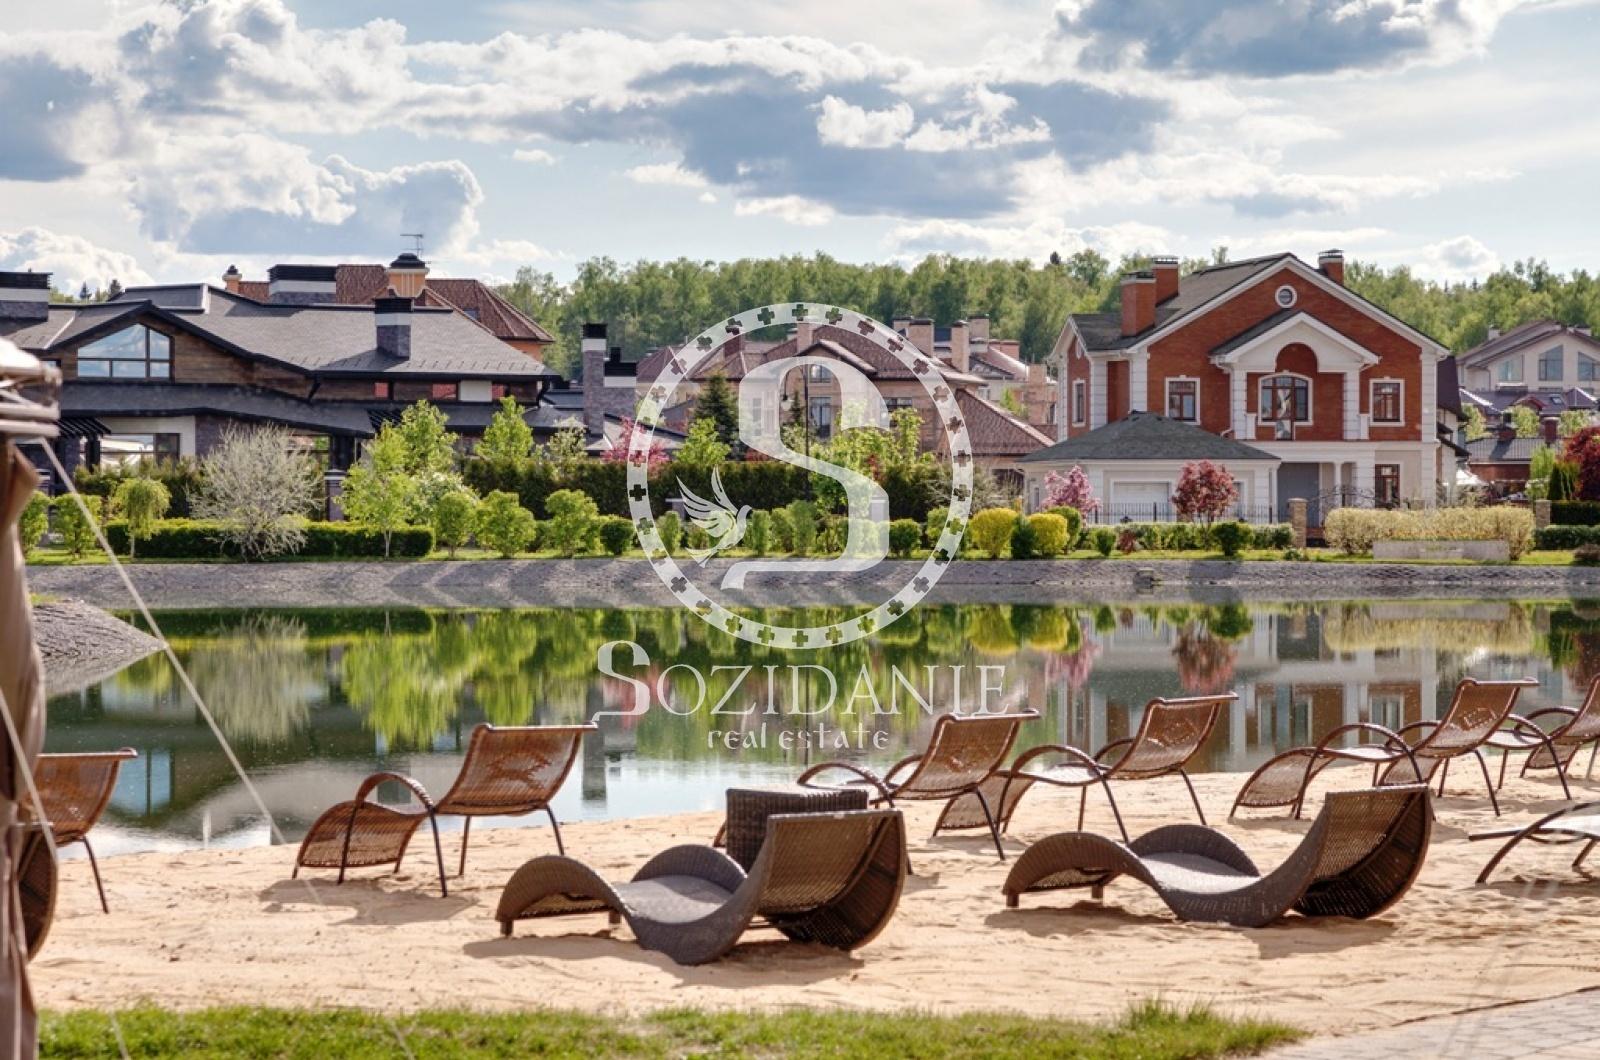 4 Bedrooms, Загородная, Продажа, Listing ID 1493, Московская область, Россия,